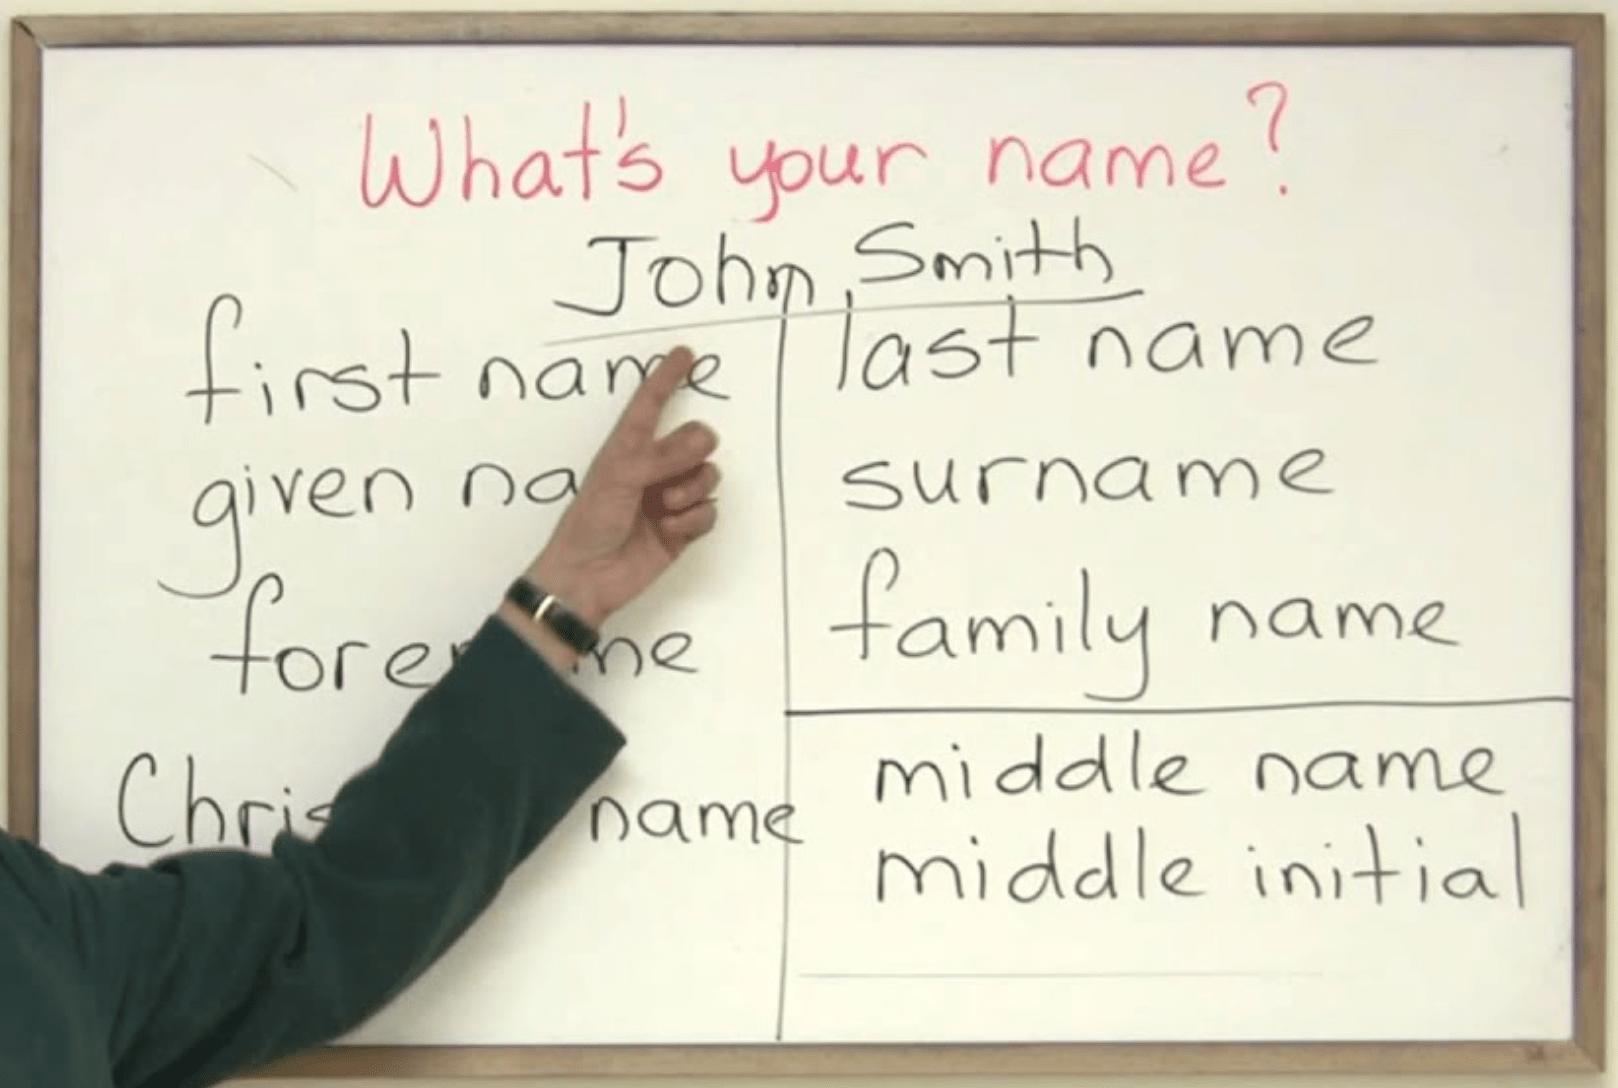 first name last name là gì